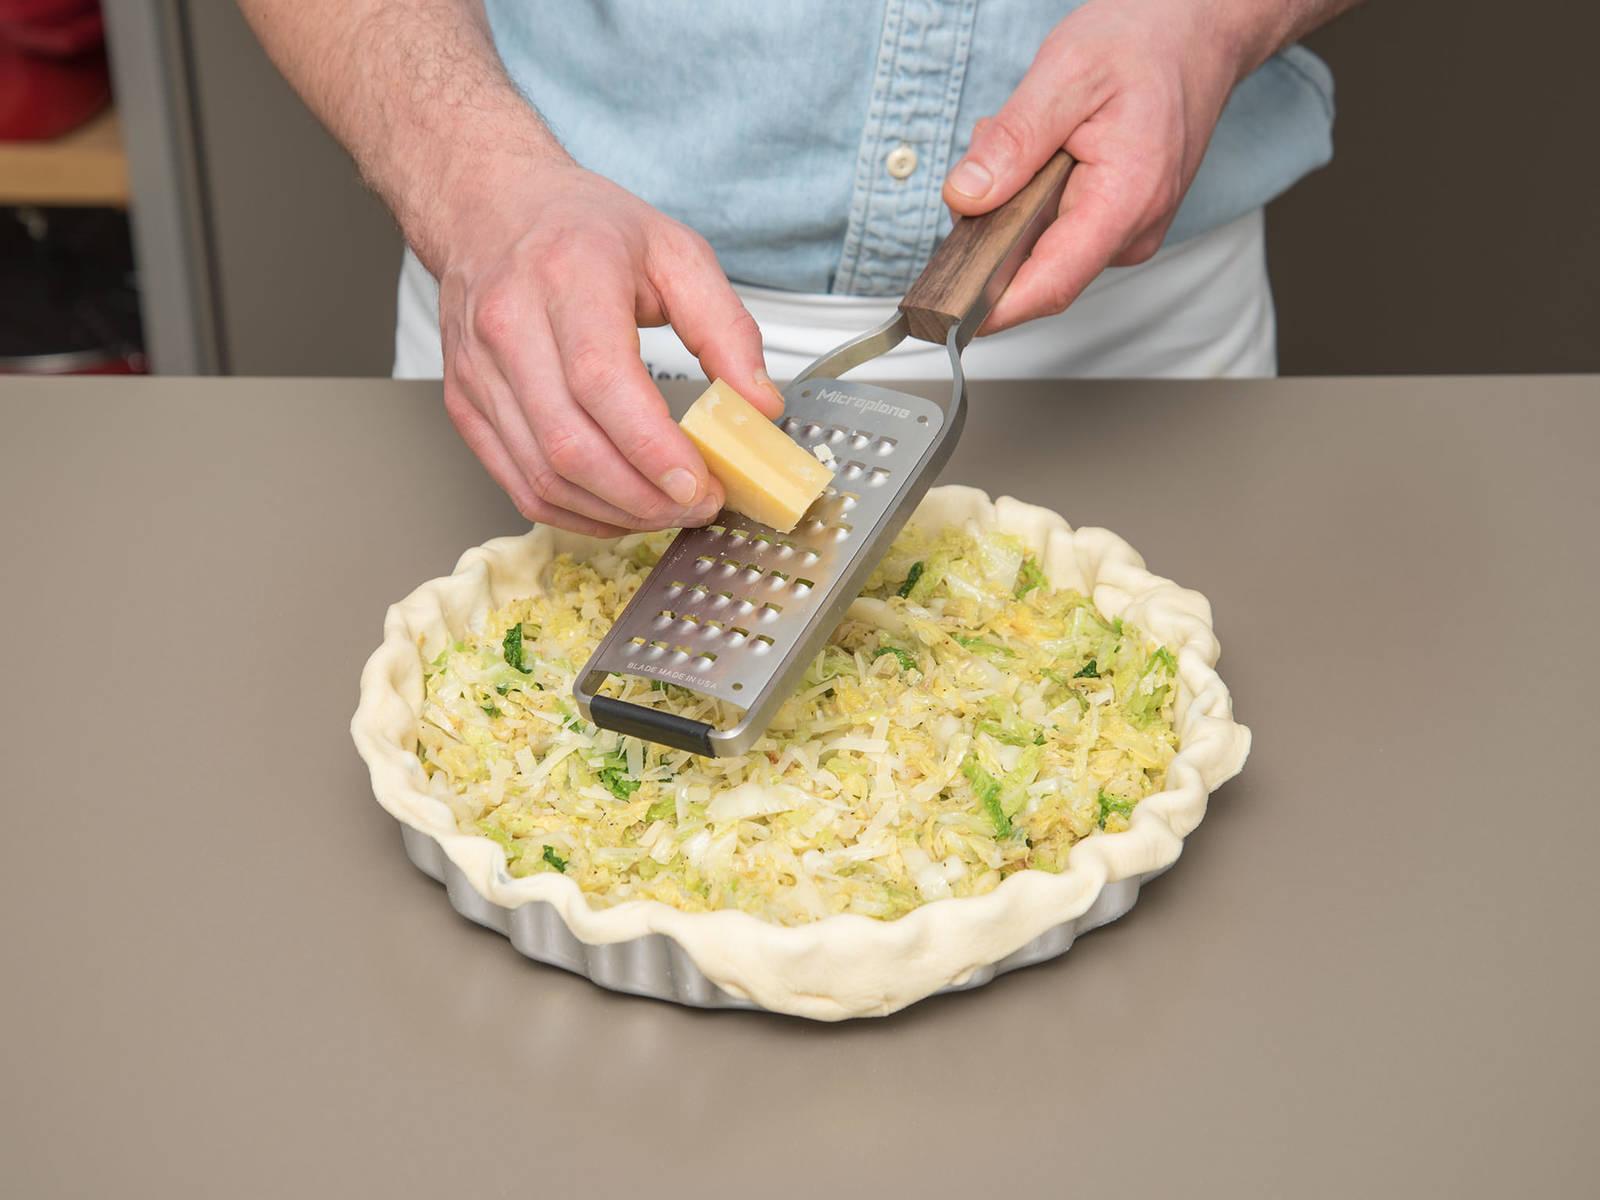 将三分之二的阿尔卑斯干酪切成薄片,铺在烤盘底部。在面团中间放上一小堆甘蓝。将剩余的干酪擦屑,撒在甘蓝上。